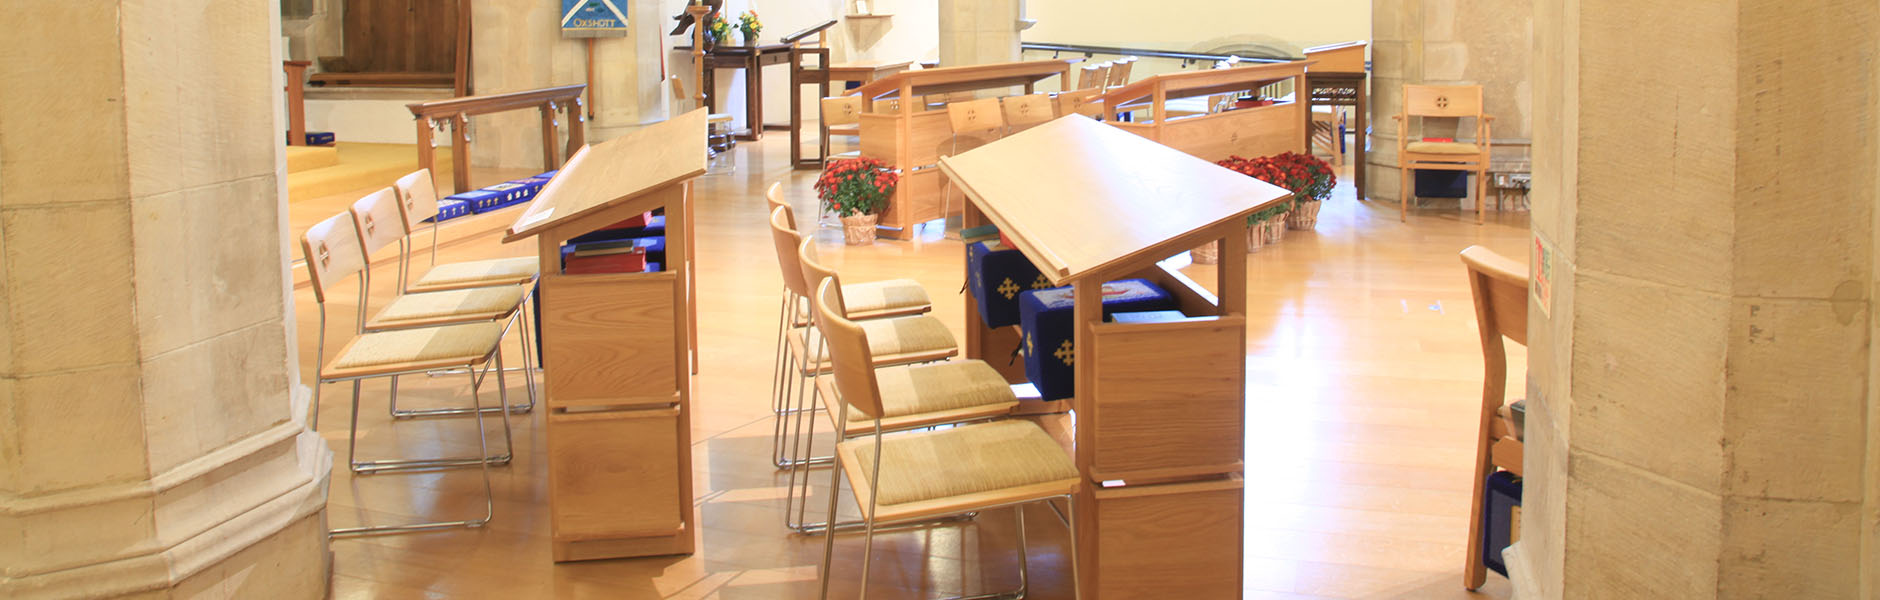 ICS Church Furnishers bespoke church furniture designs